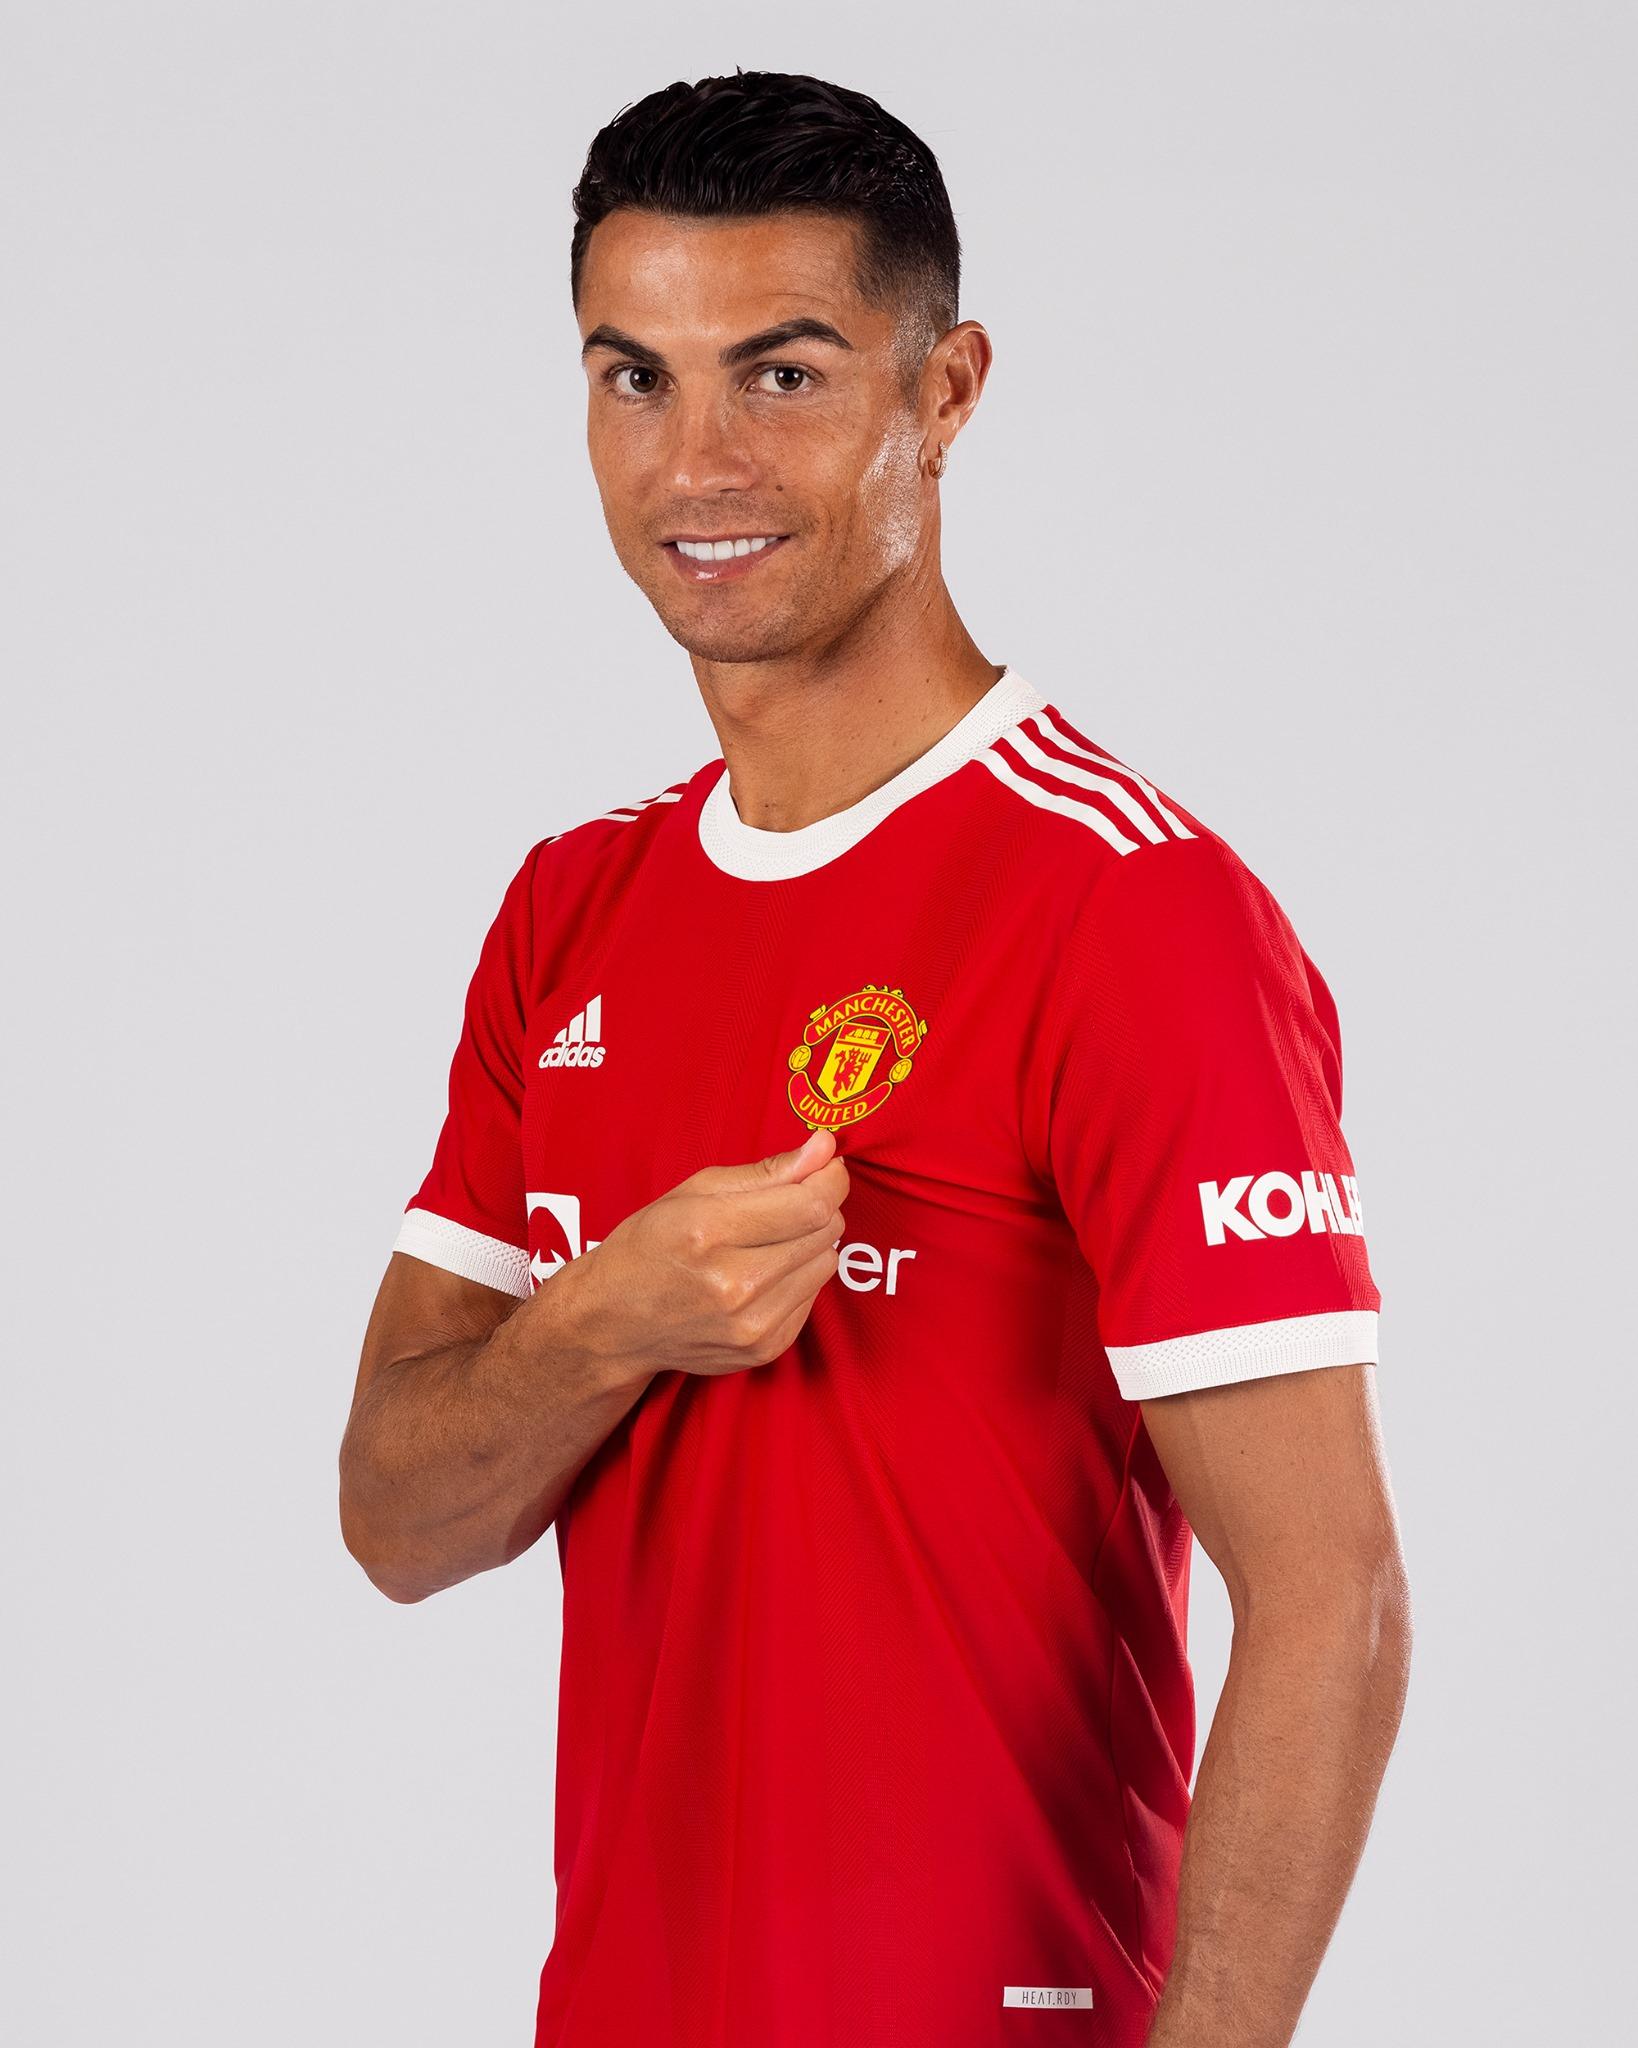 Una ley impedirá ver el debut de Cristiano Ronaldo con el Manchester United en Reino Unido